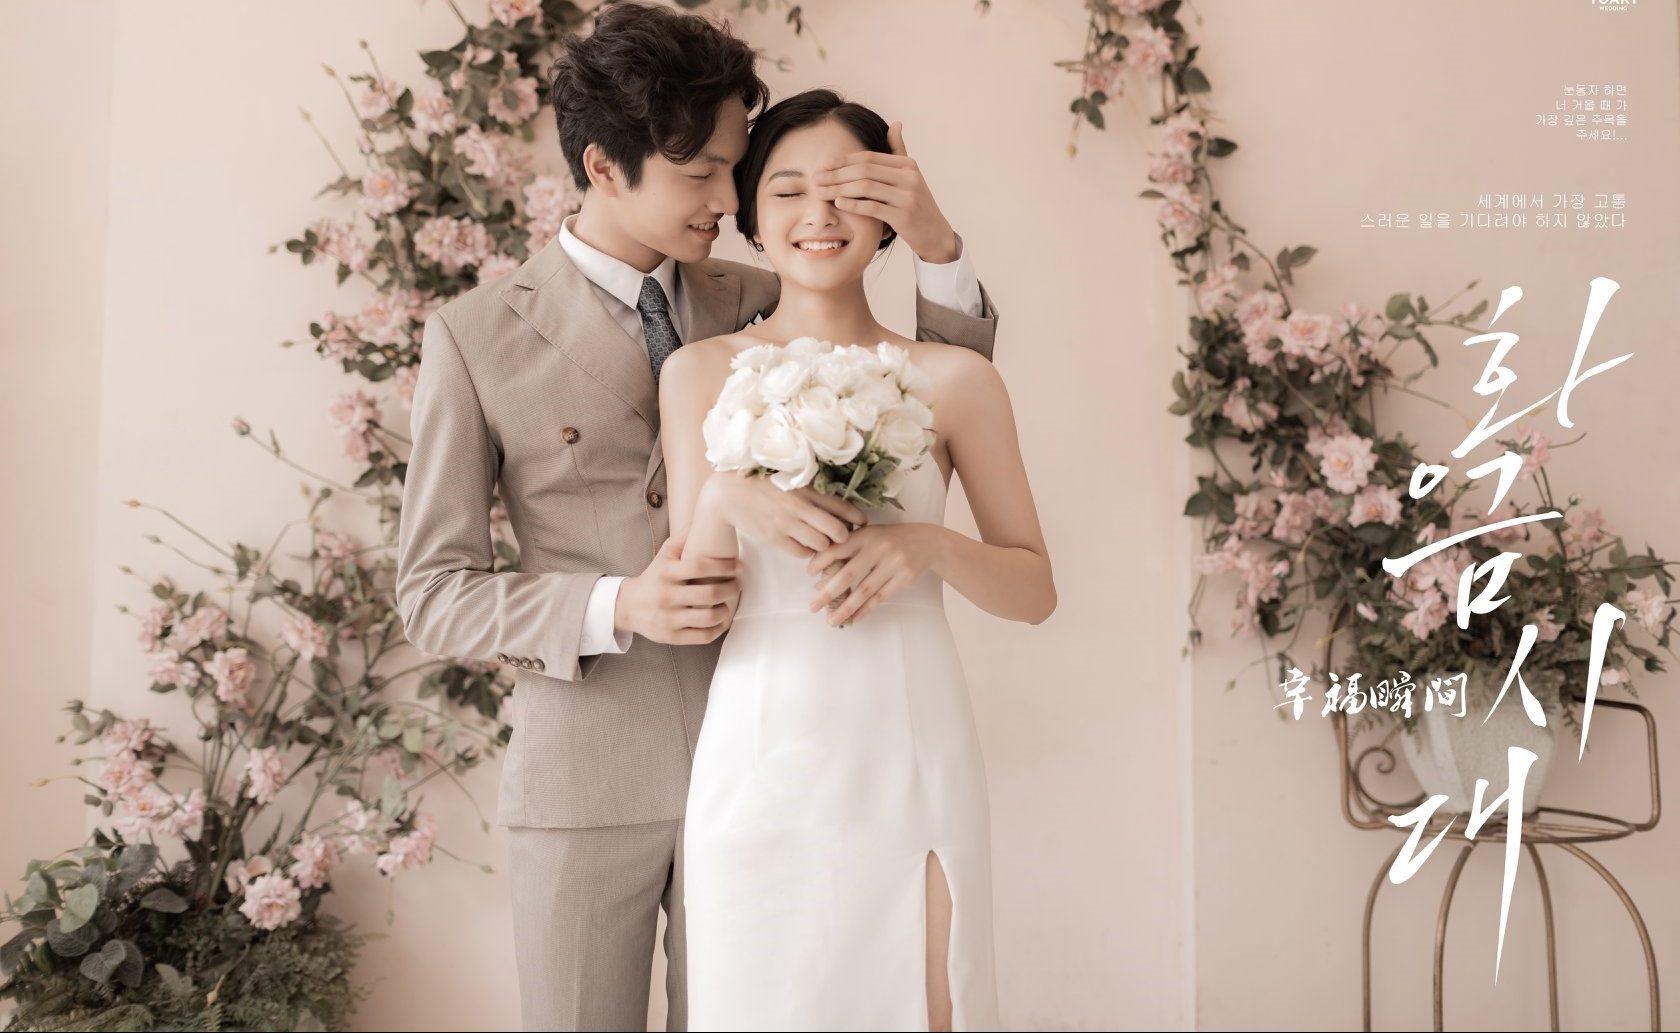 Chụp hình cưới theo phong cách Hàn Quốc cần chuẩn bị những gì e1598690063468